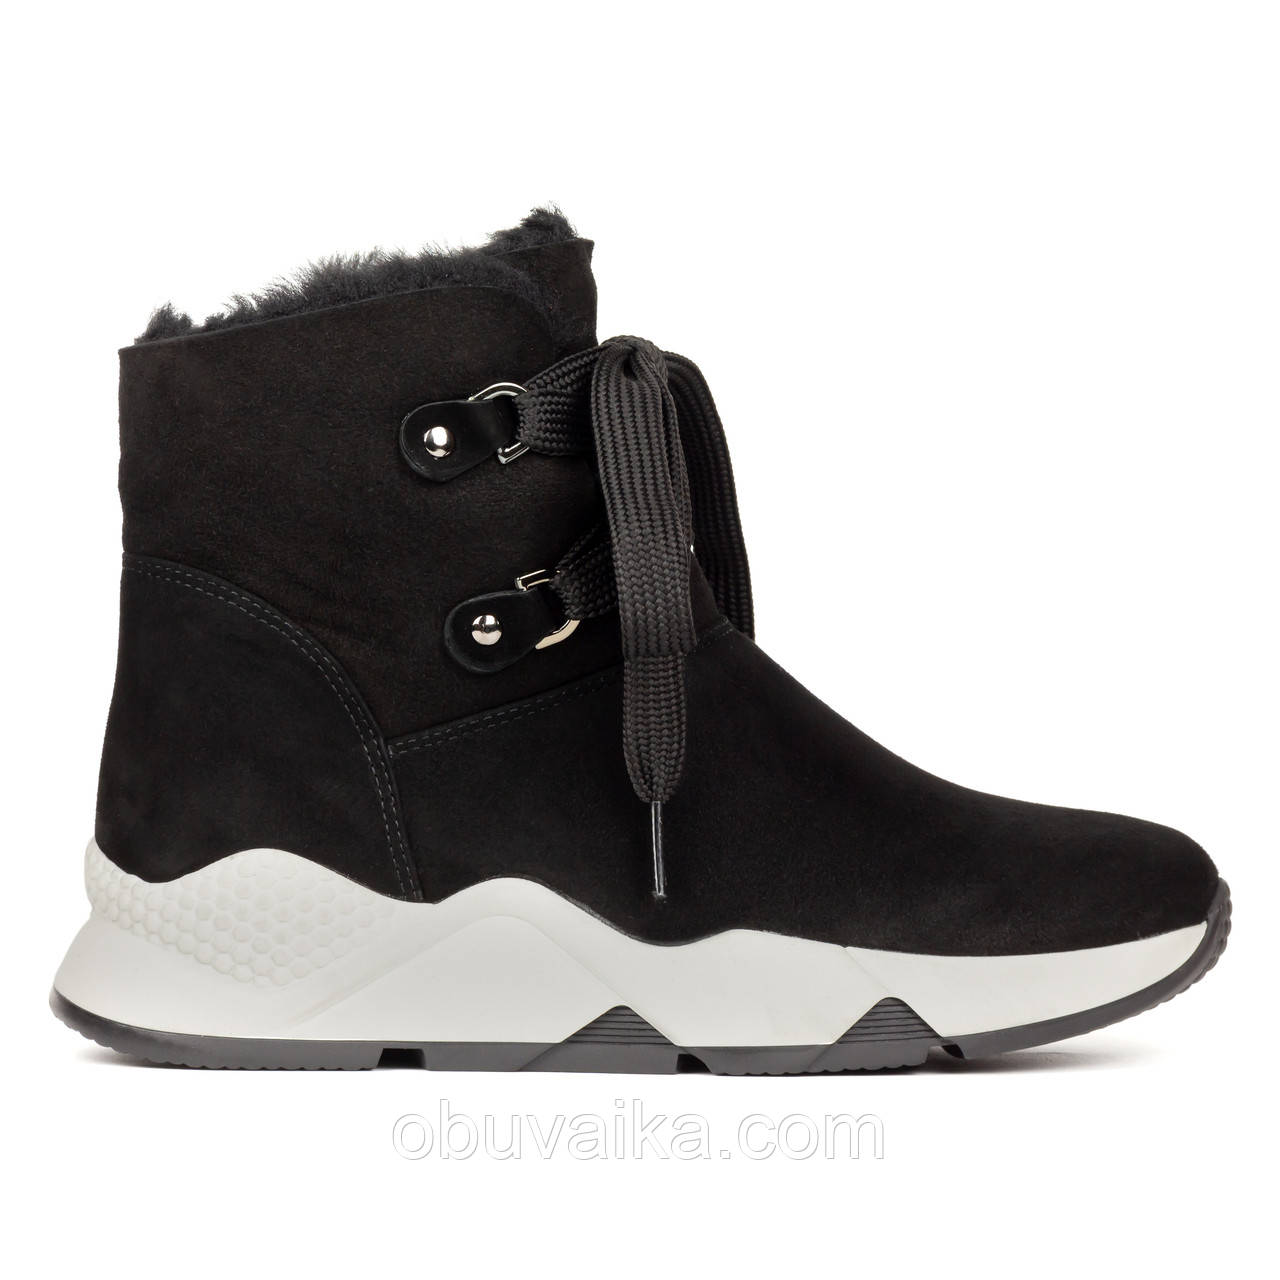 Меховые женские ботинки 36-40 Woman's heel черные в спортивном стиле декорированные шнуровкой